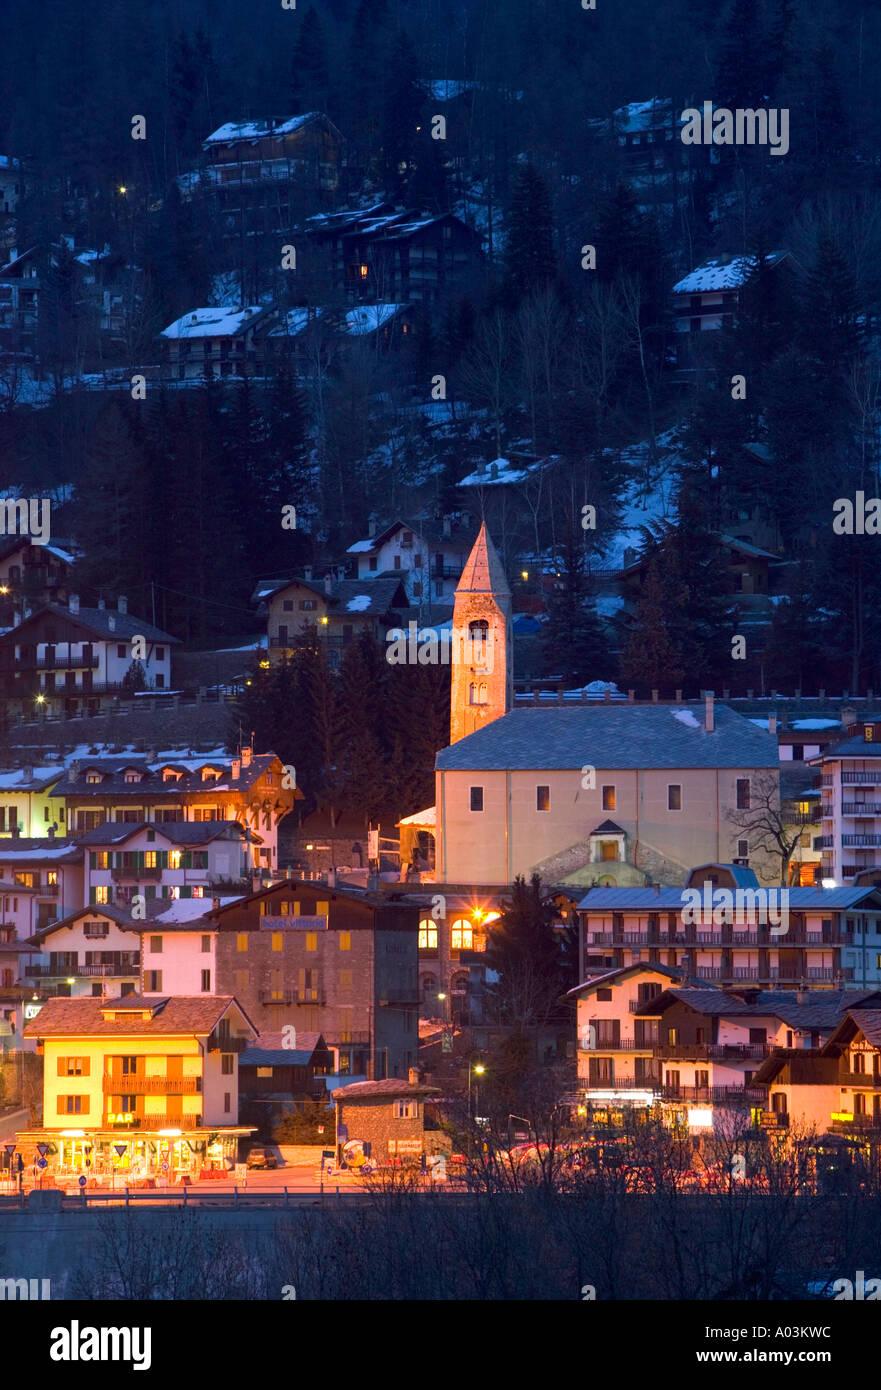 Courmayeur, Valle d'Aosta, Italy - Stock Image